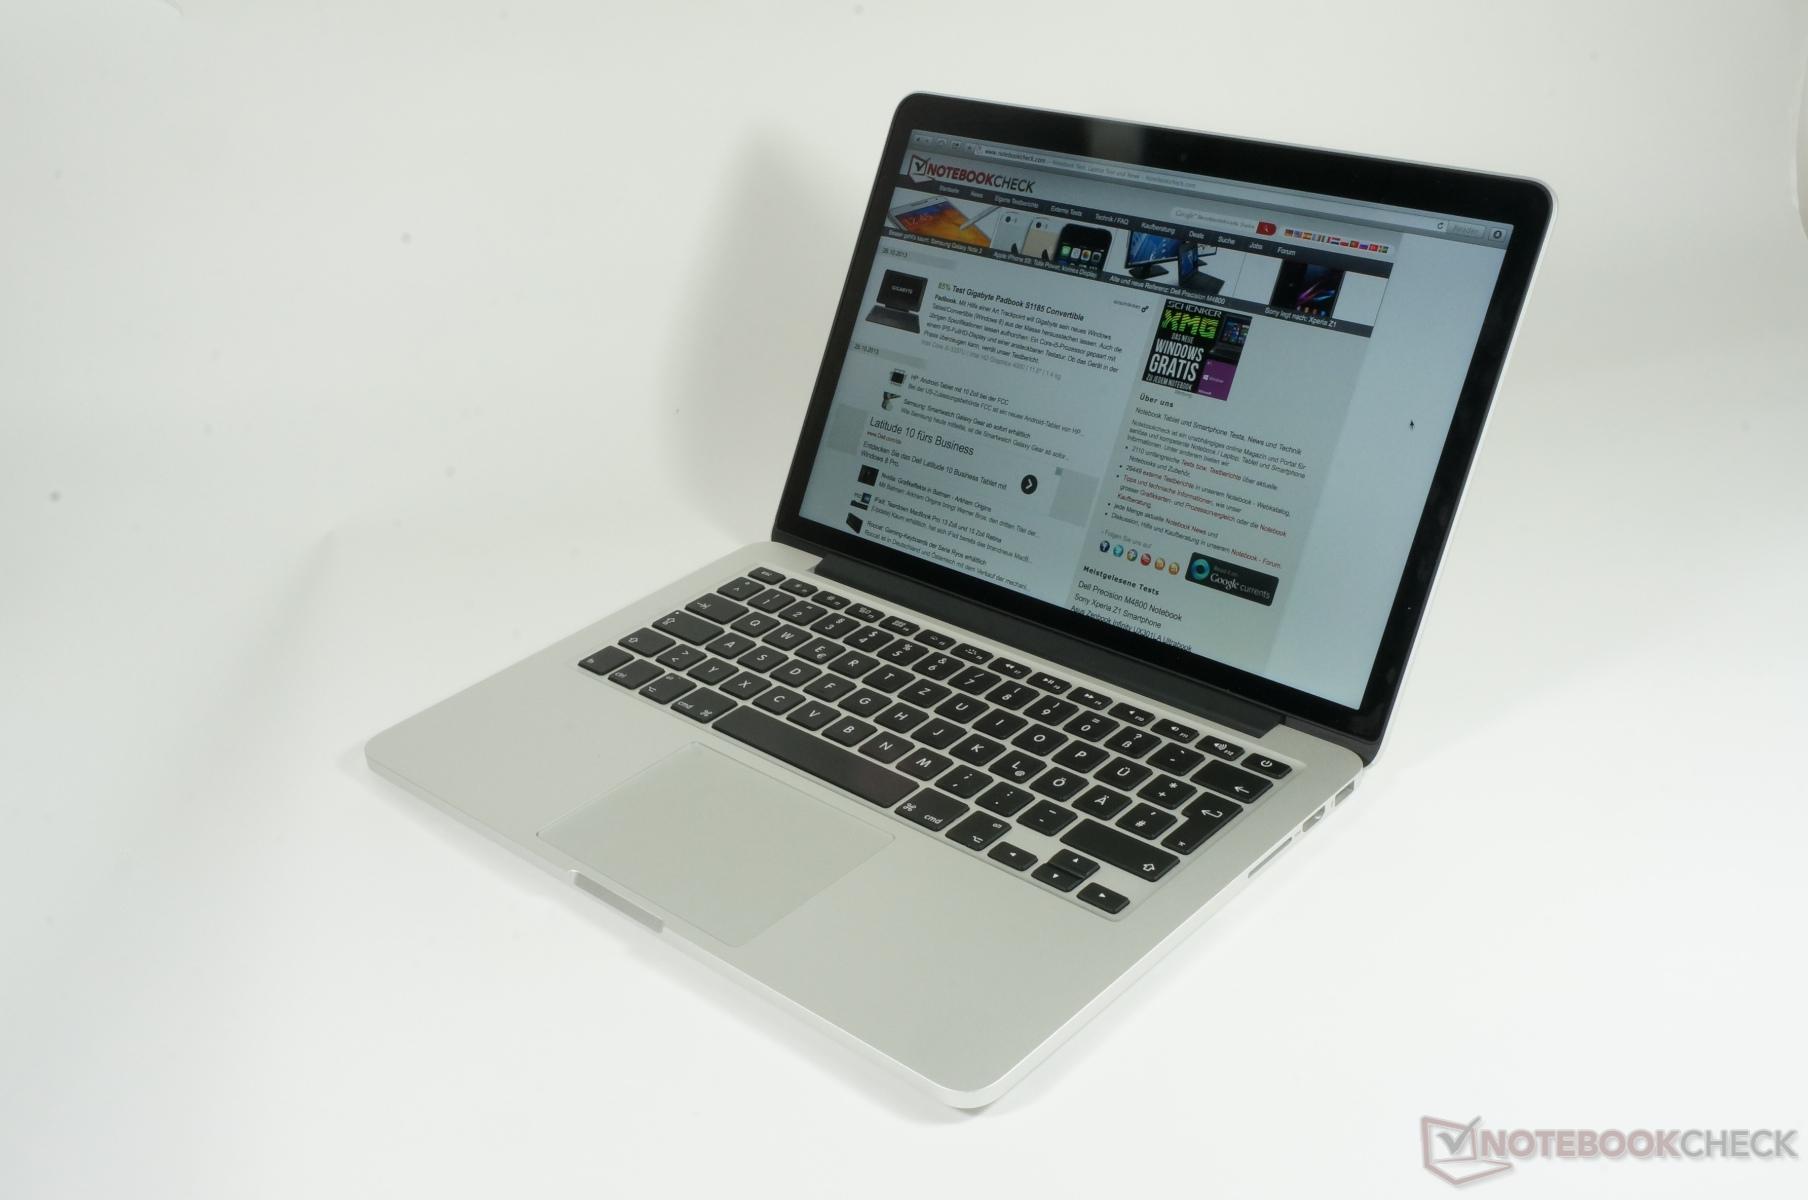 Macbook Pro Firmware Password Hack